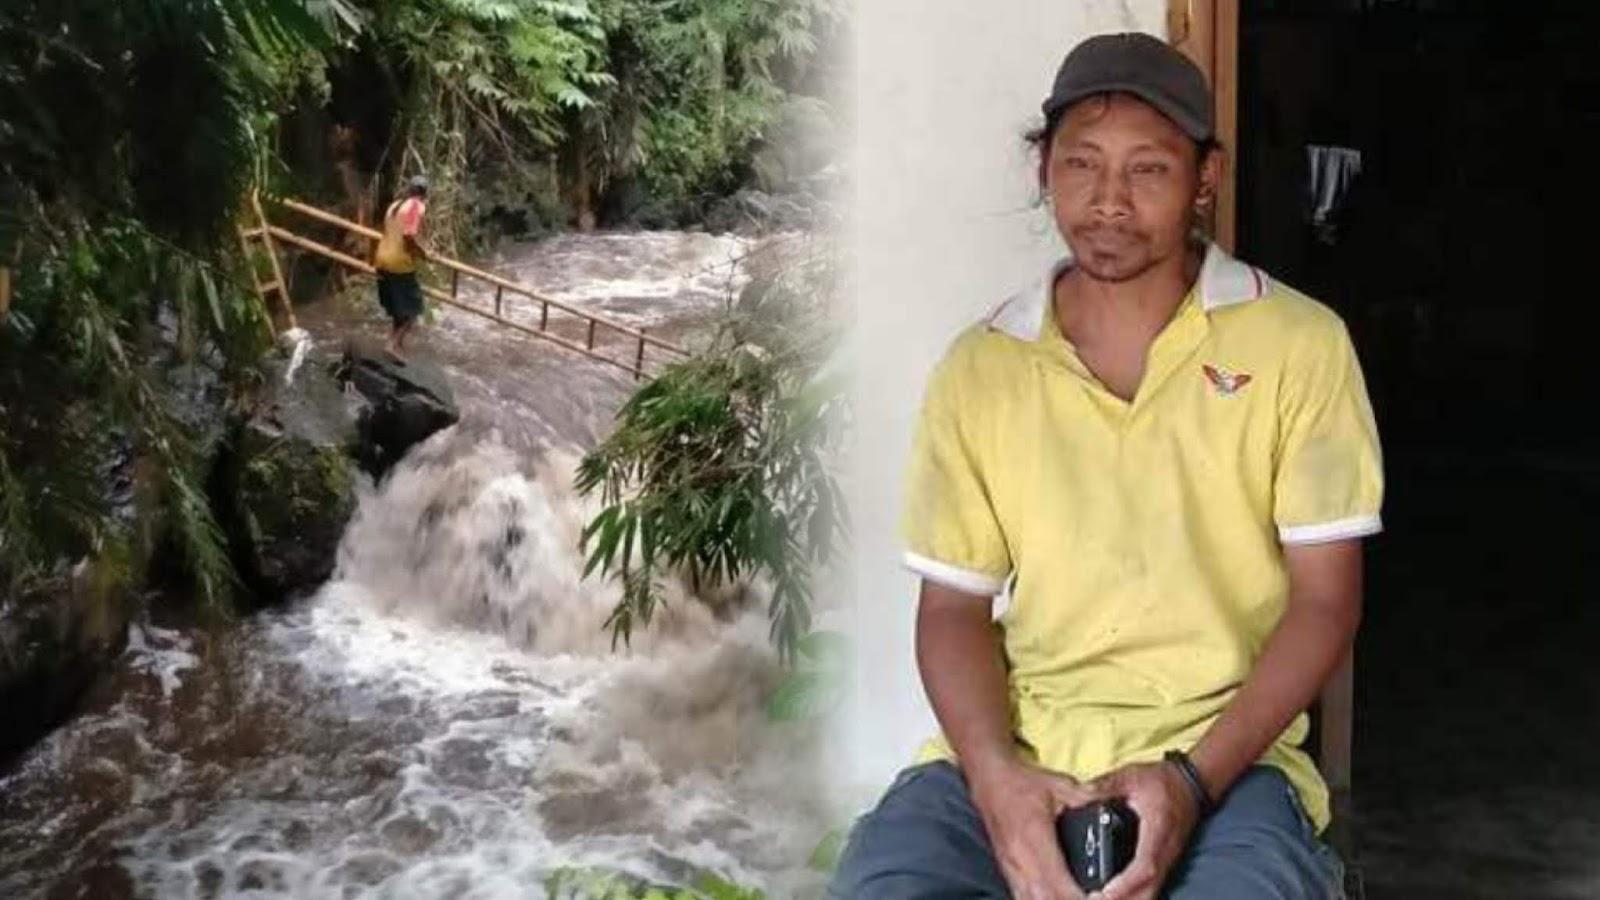 Sosok Kodir, Pemancing Baik Hati yang Viral karena Sendirian Menyelamatkan Puluhan Siswa SMPN 1 Turi